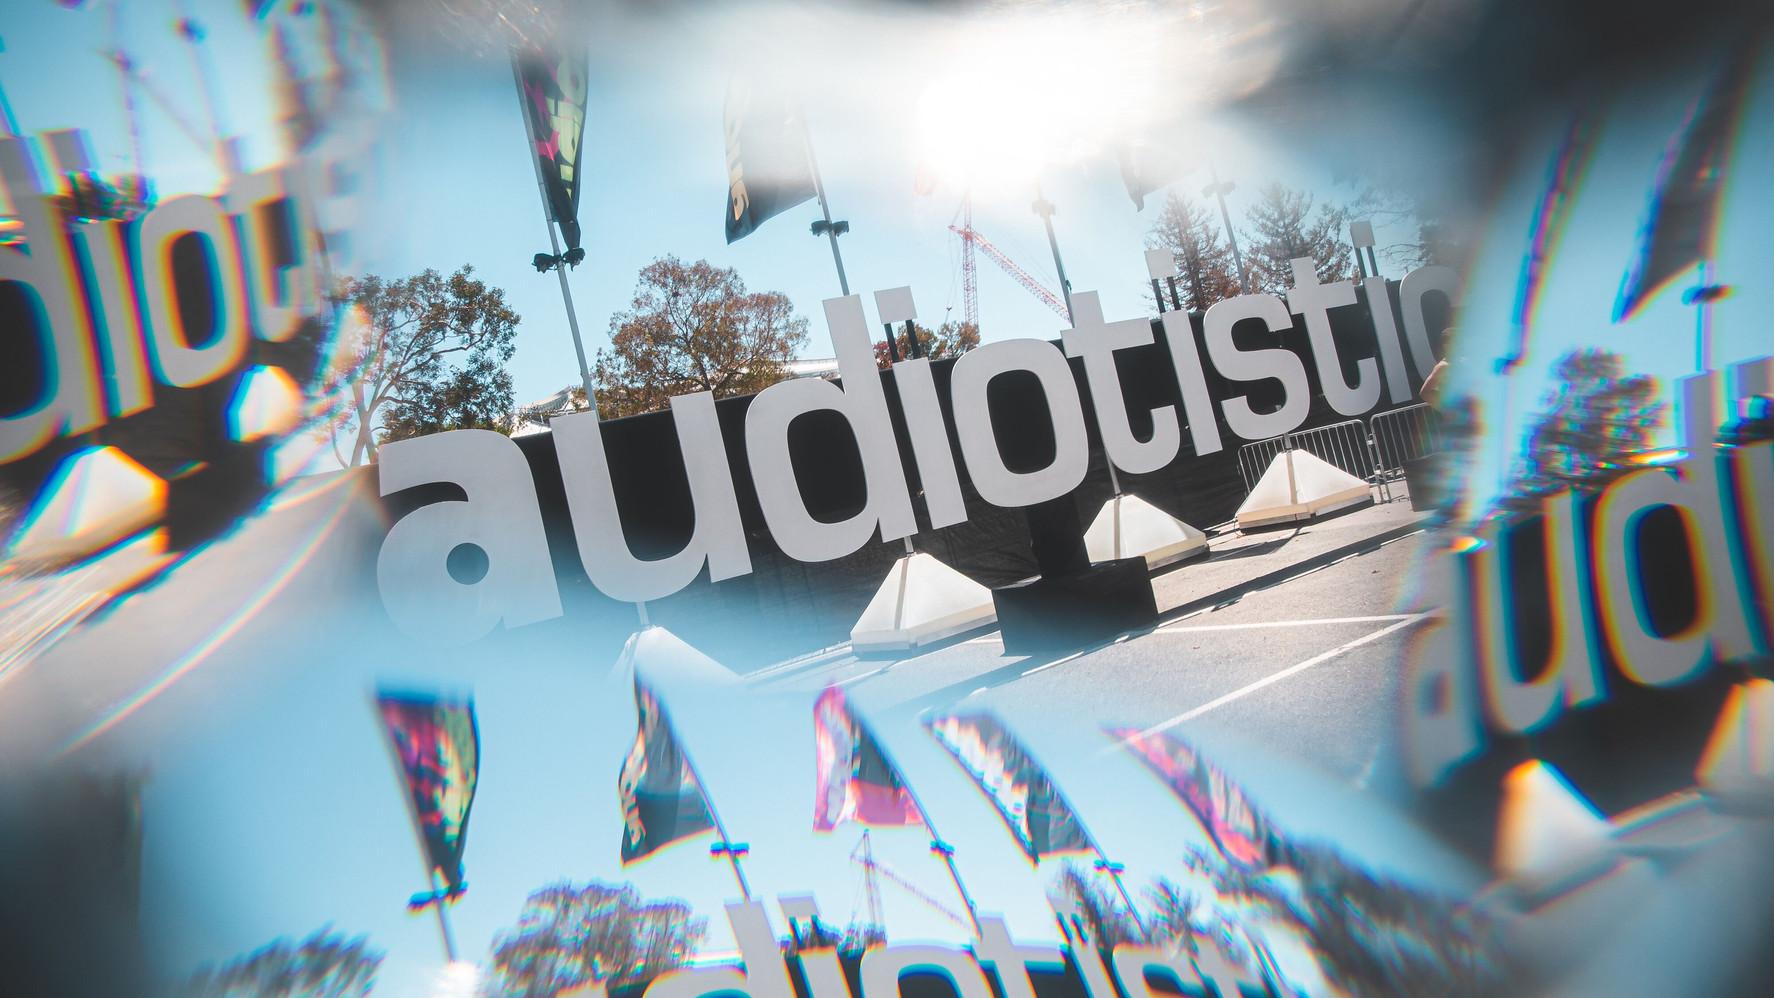 7.14.19   Audiotistic   Shoreline Amp, Mountain View, CA   Photographer: Priscilla Rodriguez